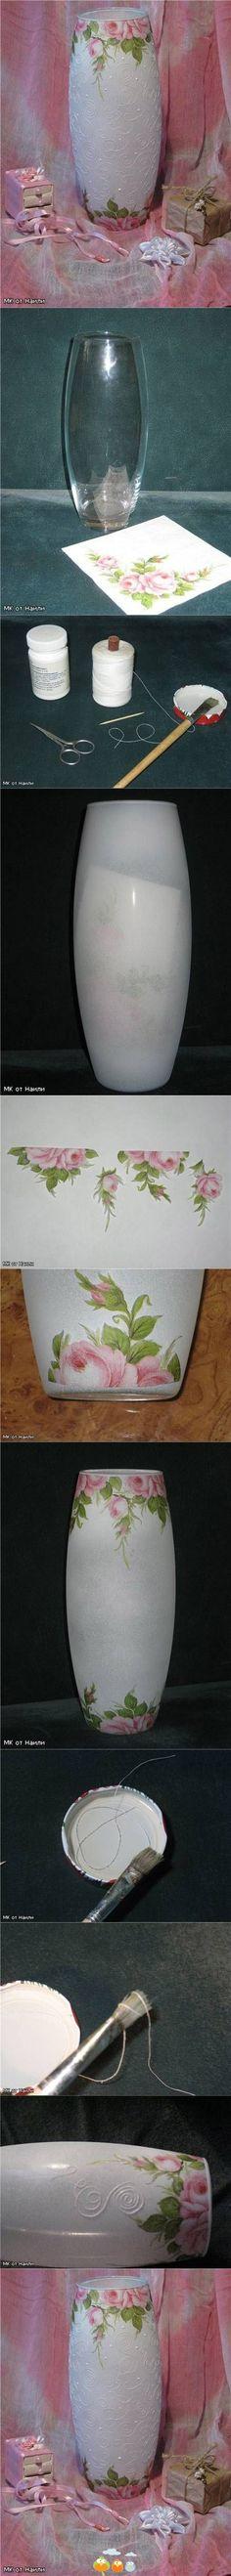 decoracion en frascos